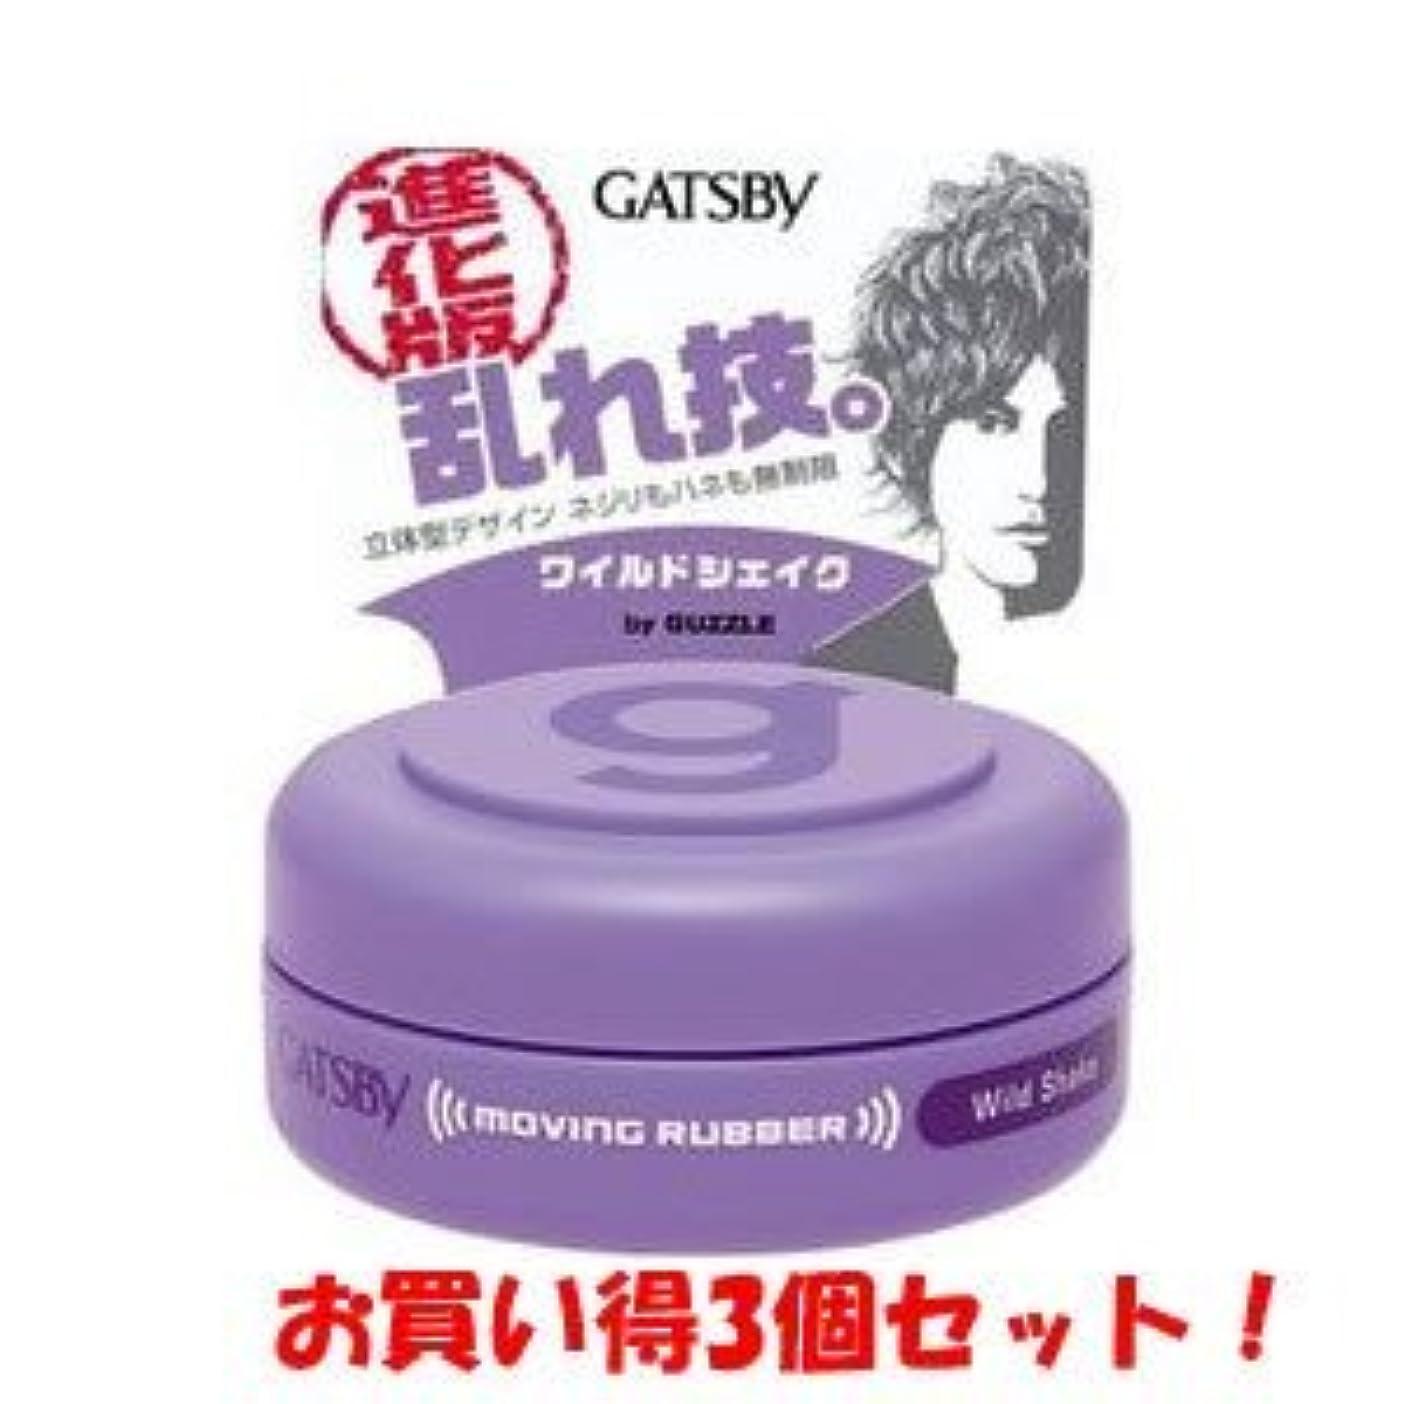 強風無効経験者ギャツビー【GATSBY】ムービングラバー ワイルドシェイクモバイル 15g(お買い得3個セット)